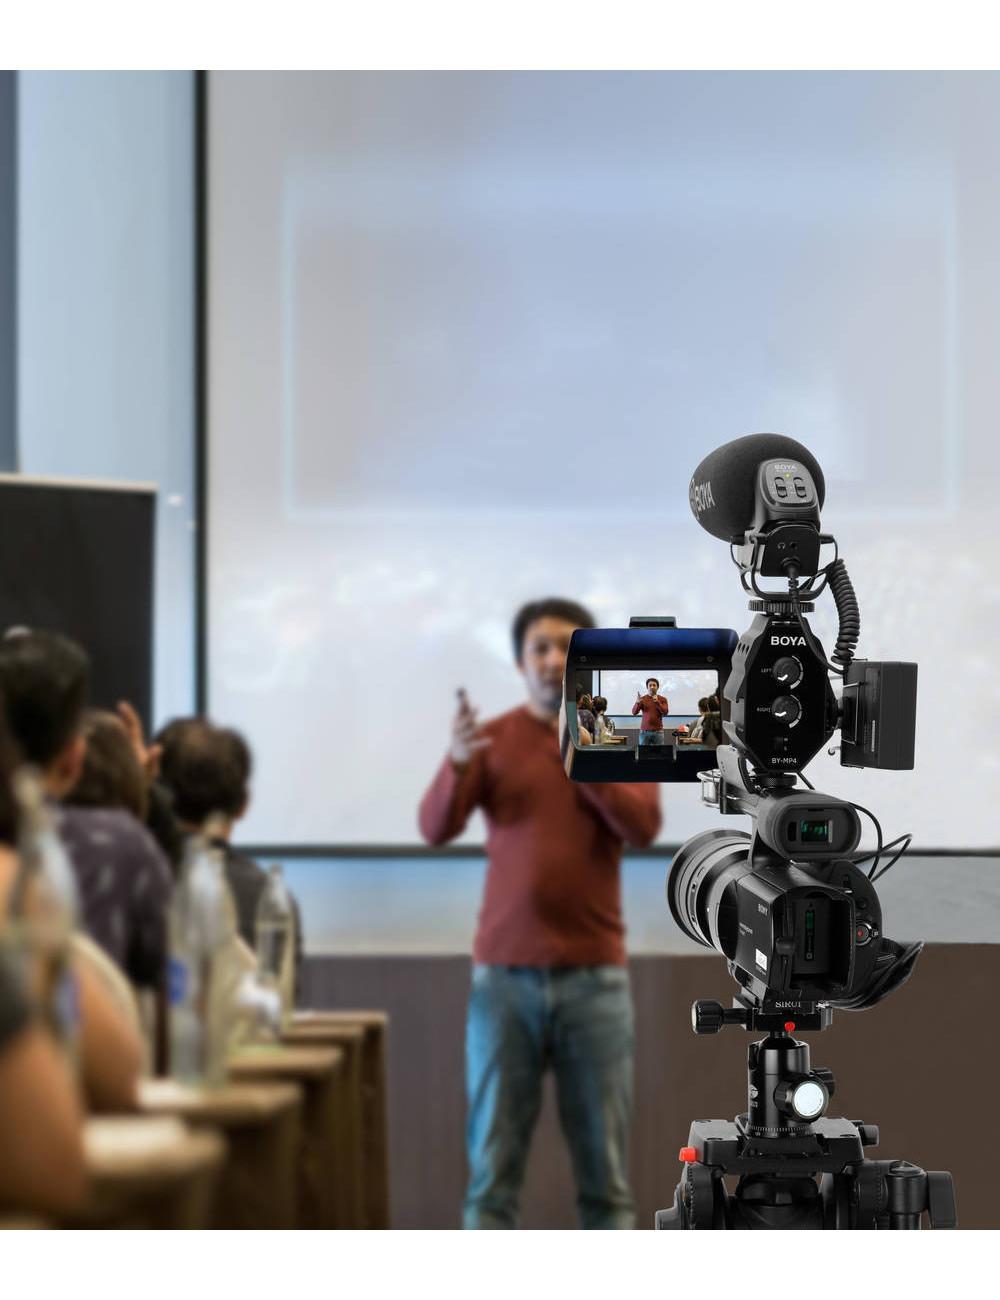 Cámara FujiFilm X-E3 para Fotografía y Video 4K  de 24,3MP cuerpo En Chile www.apertura.cl